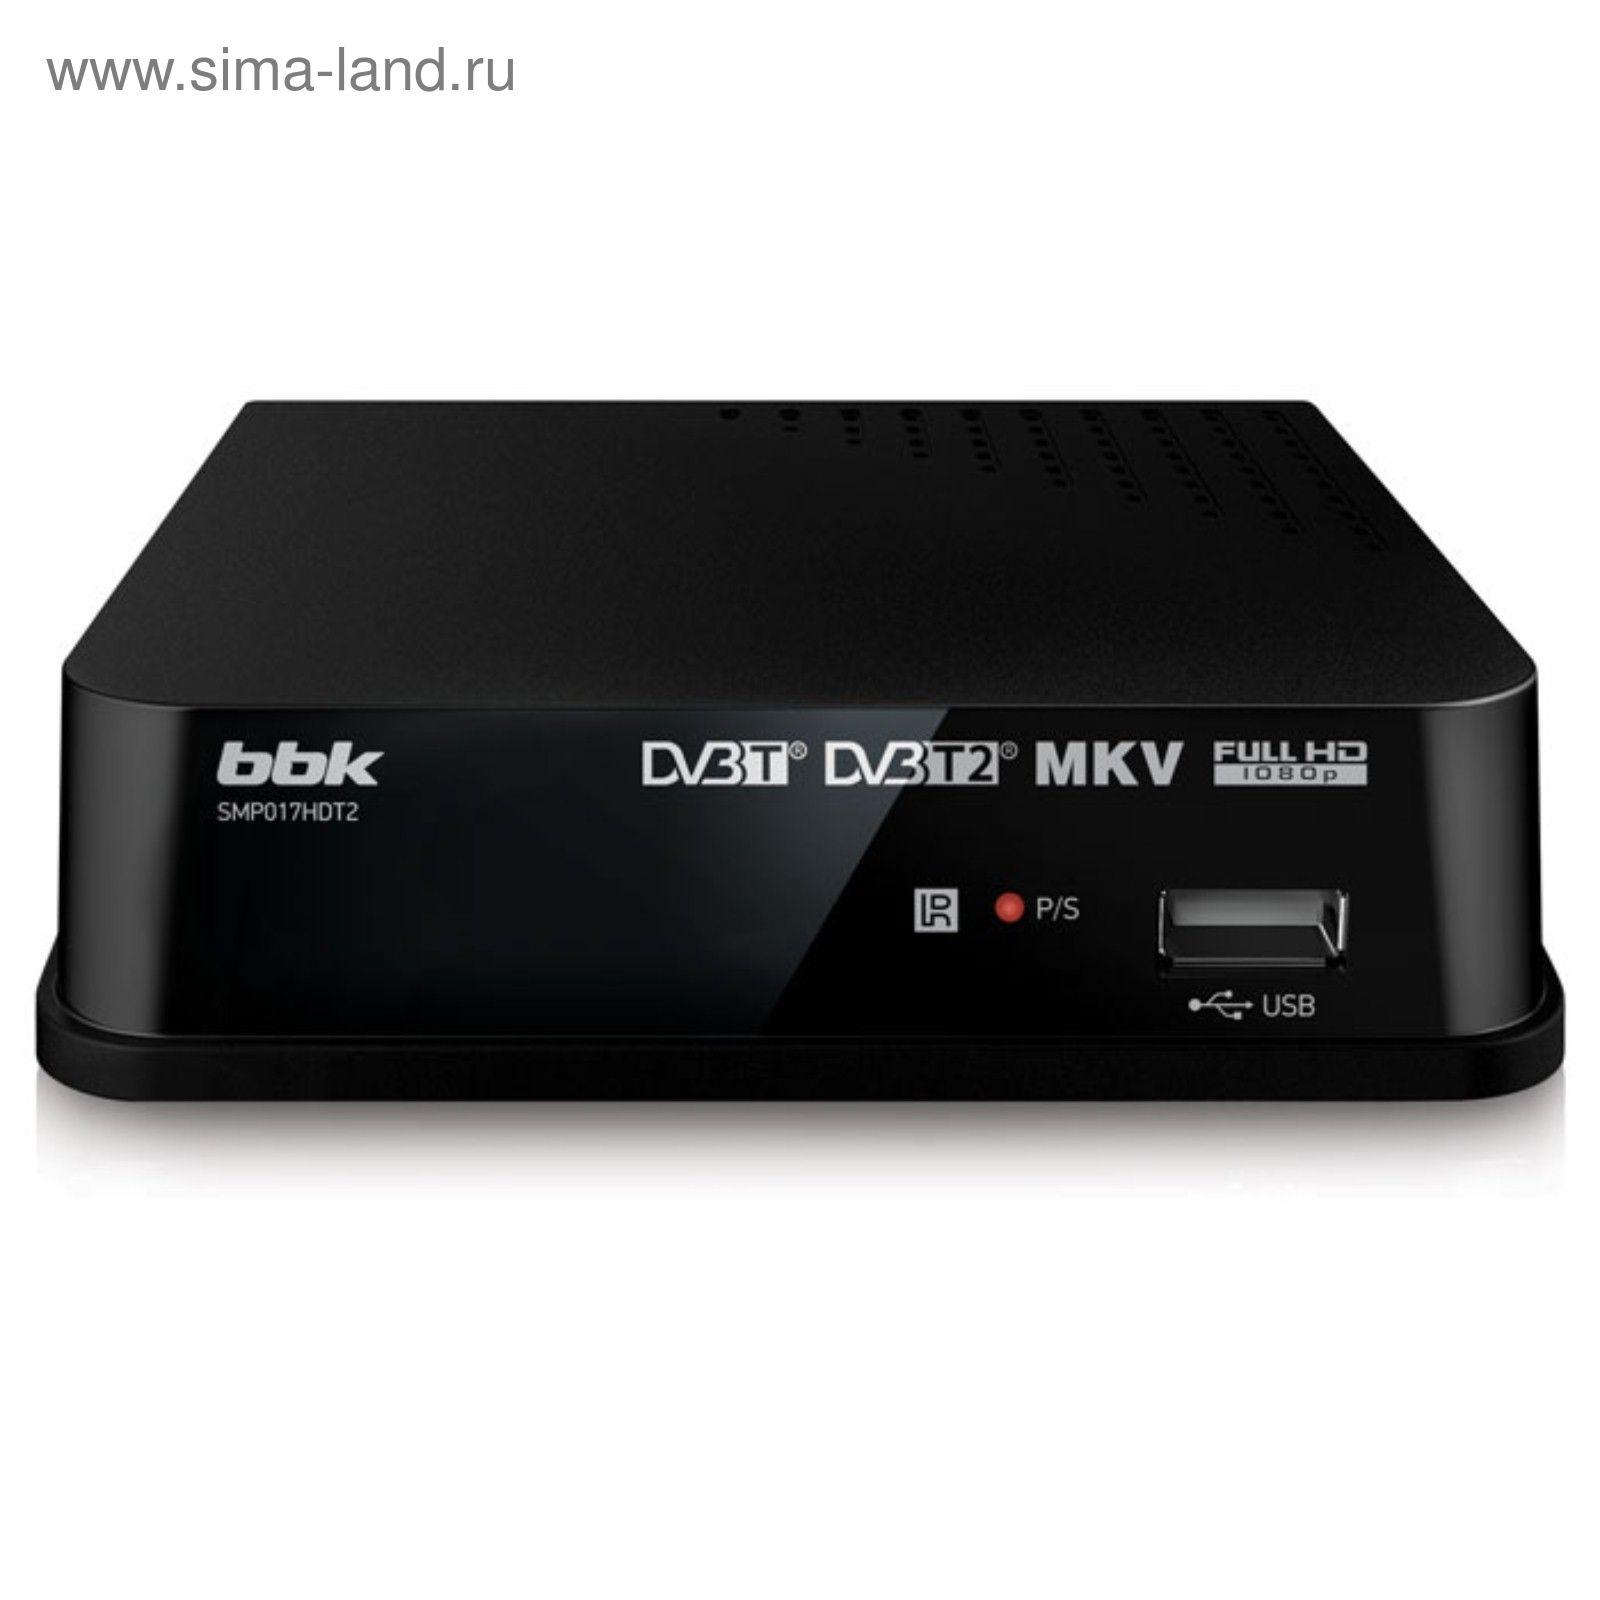 Цифровой тв приставка bbk